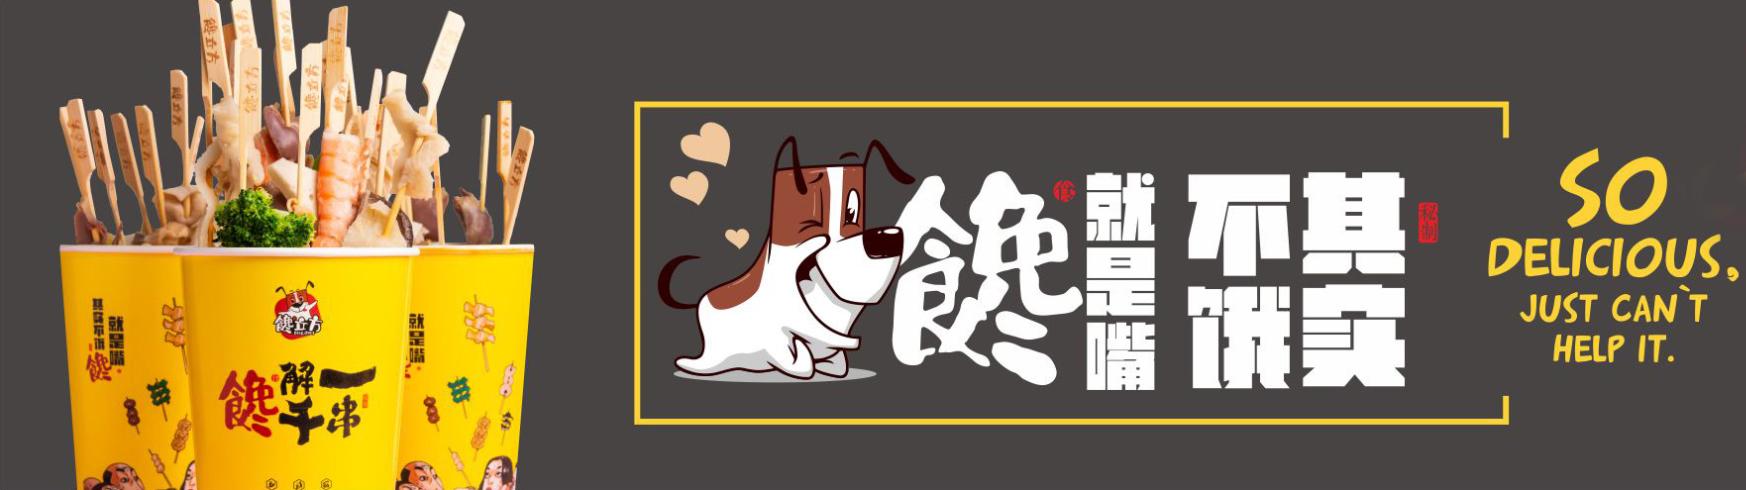 签约喜报!恭喜广州加盟商周小姐二店签约成功!